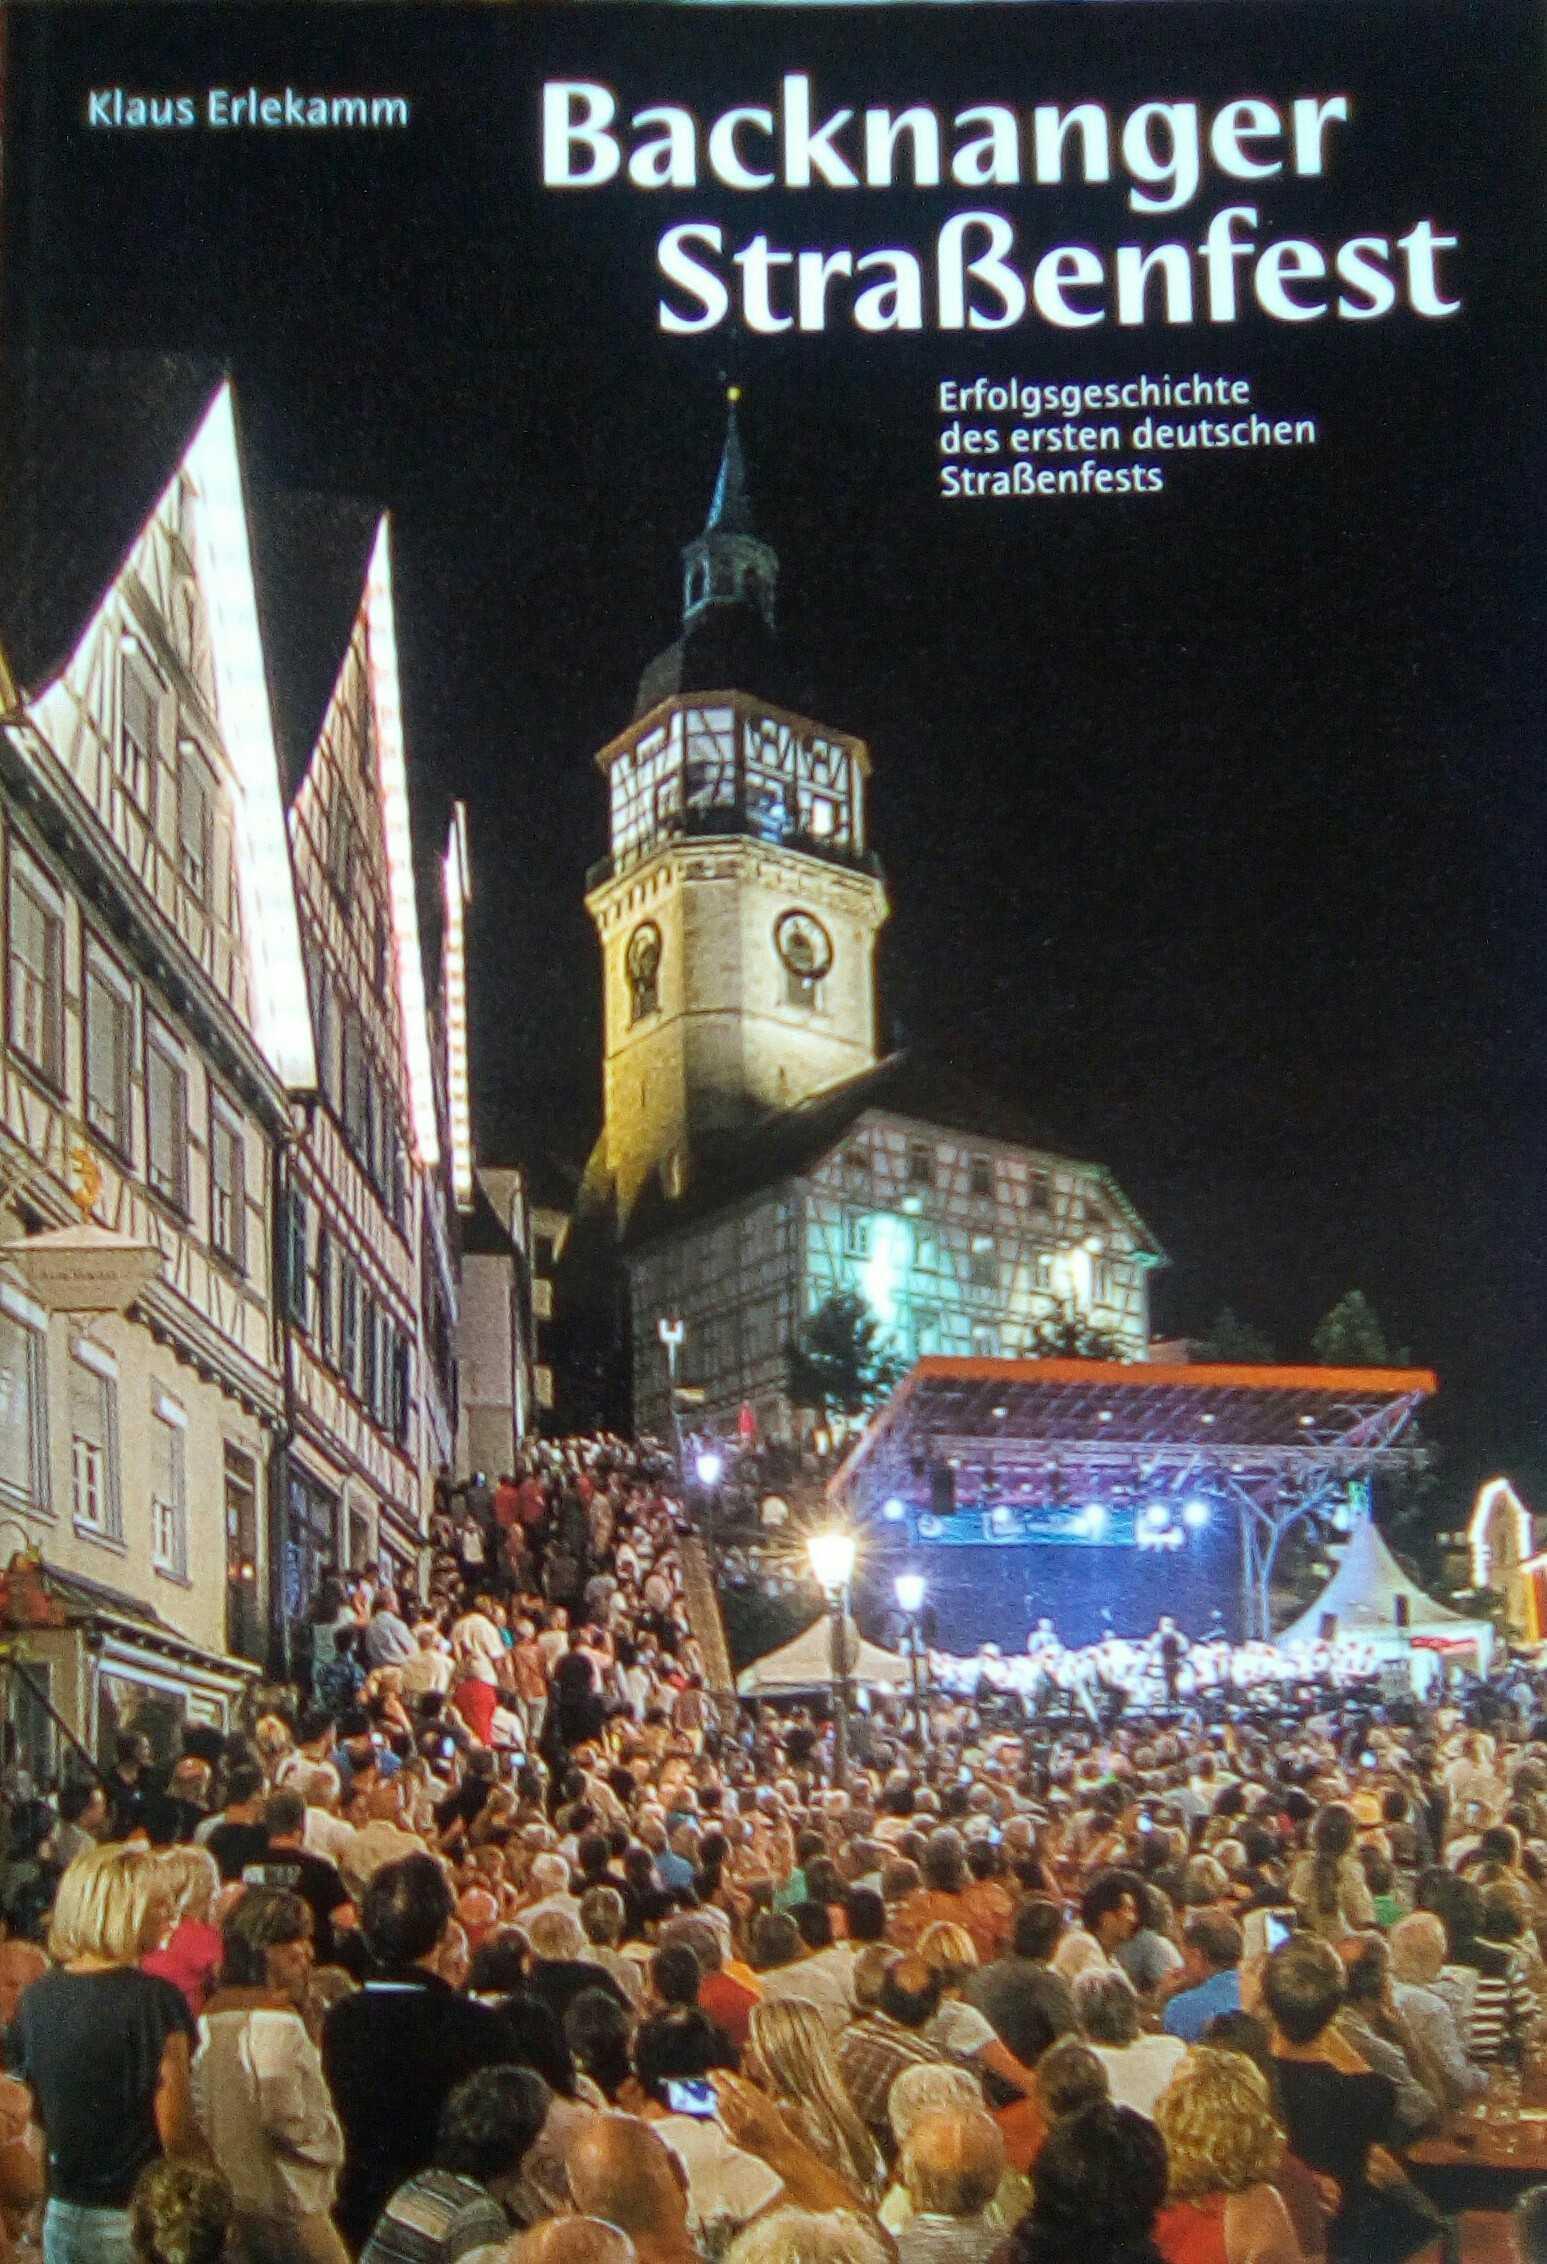 Backnanger Straßenfest